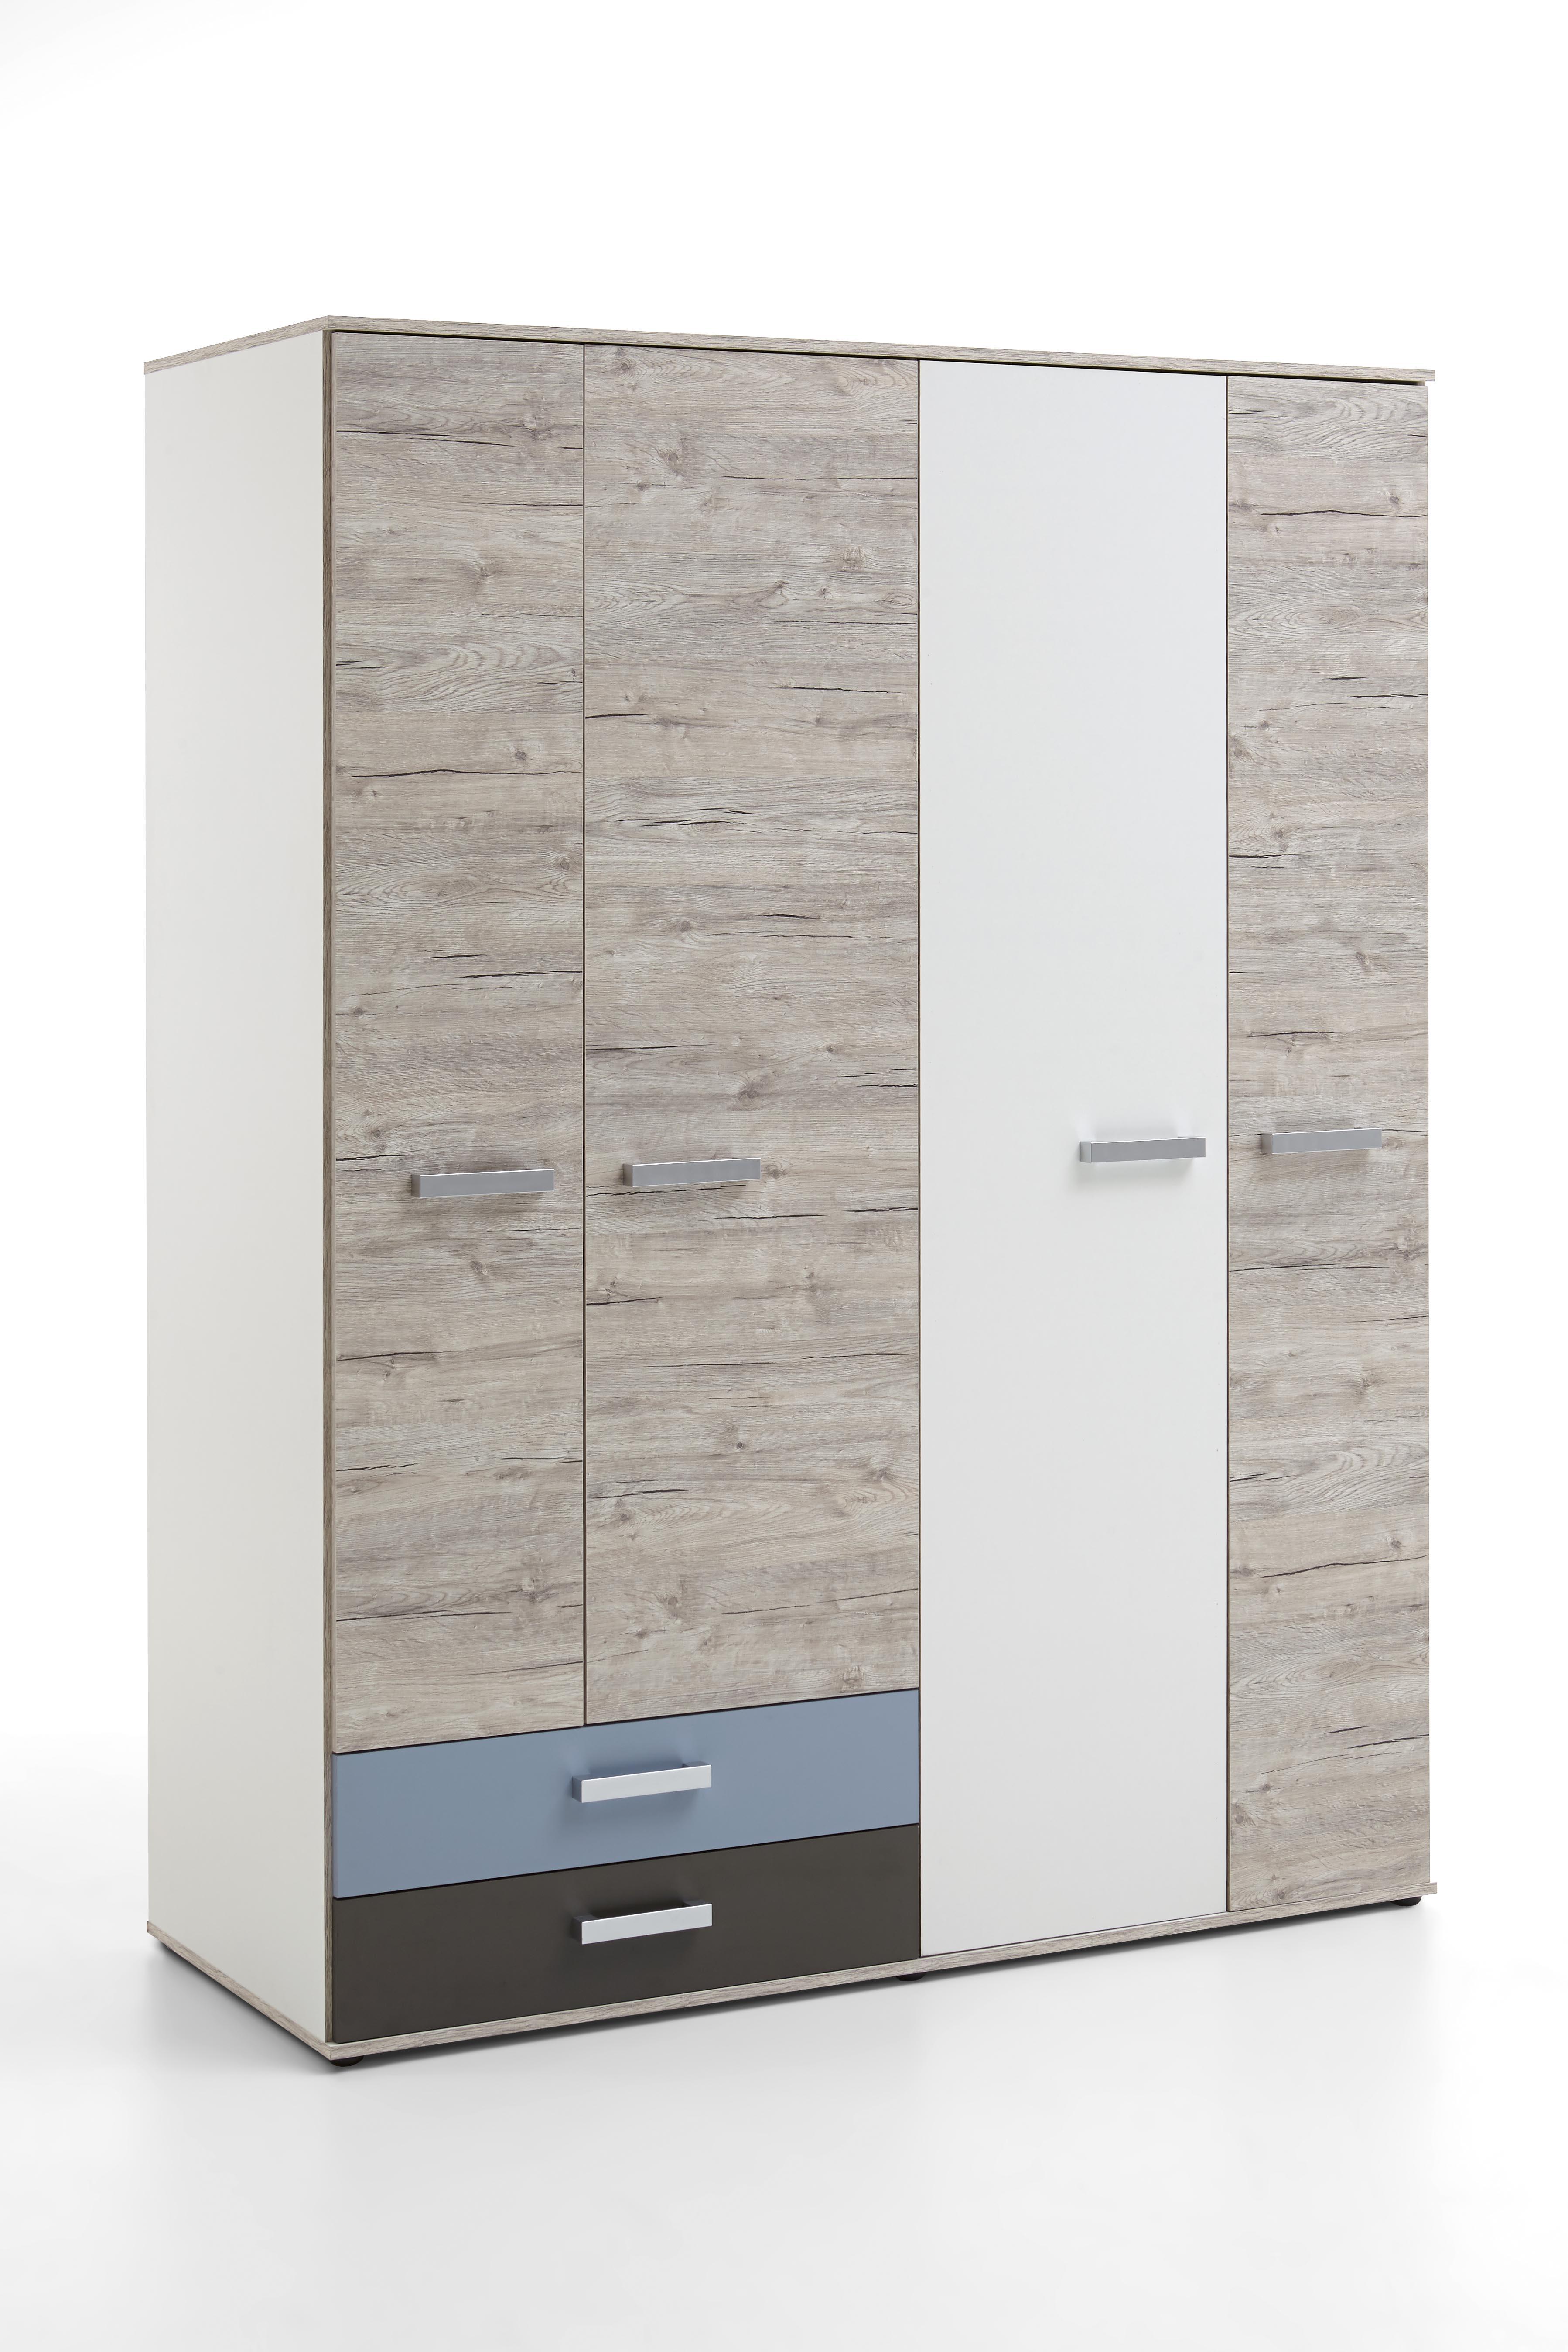 fmd kleiderschrank nona 9 schrank dreht renschrank in sandeiche nb farbig ebay. Black Bedroom Furniture Sets. Home Design Ideas